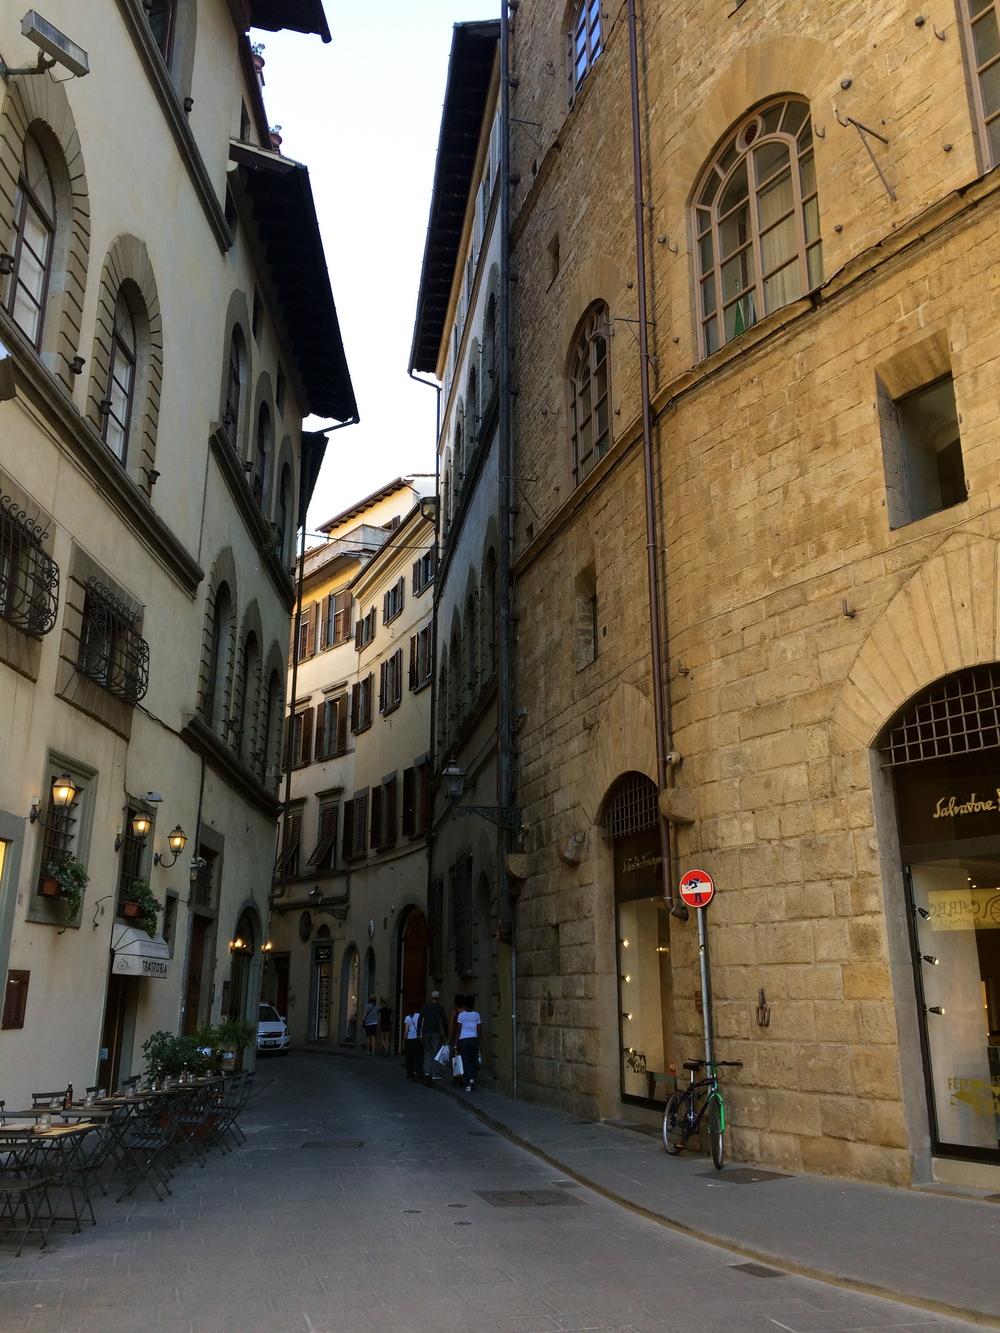 ◆ Firenze